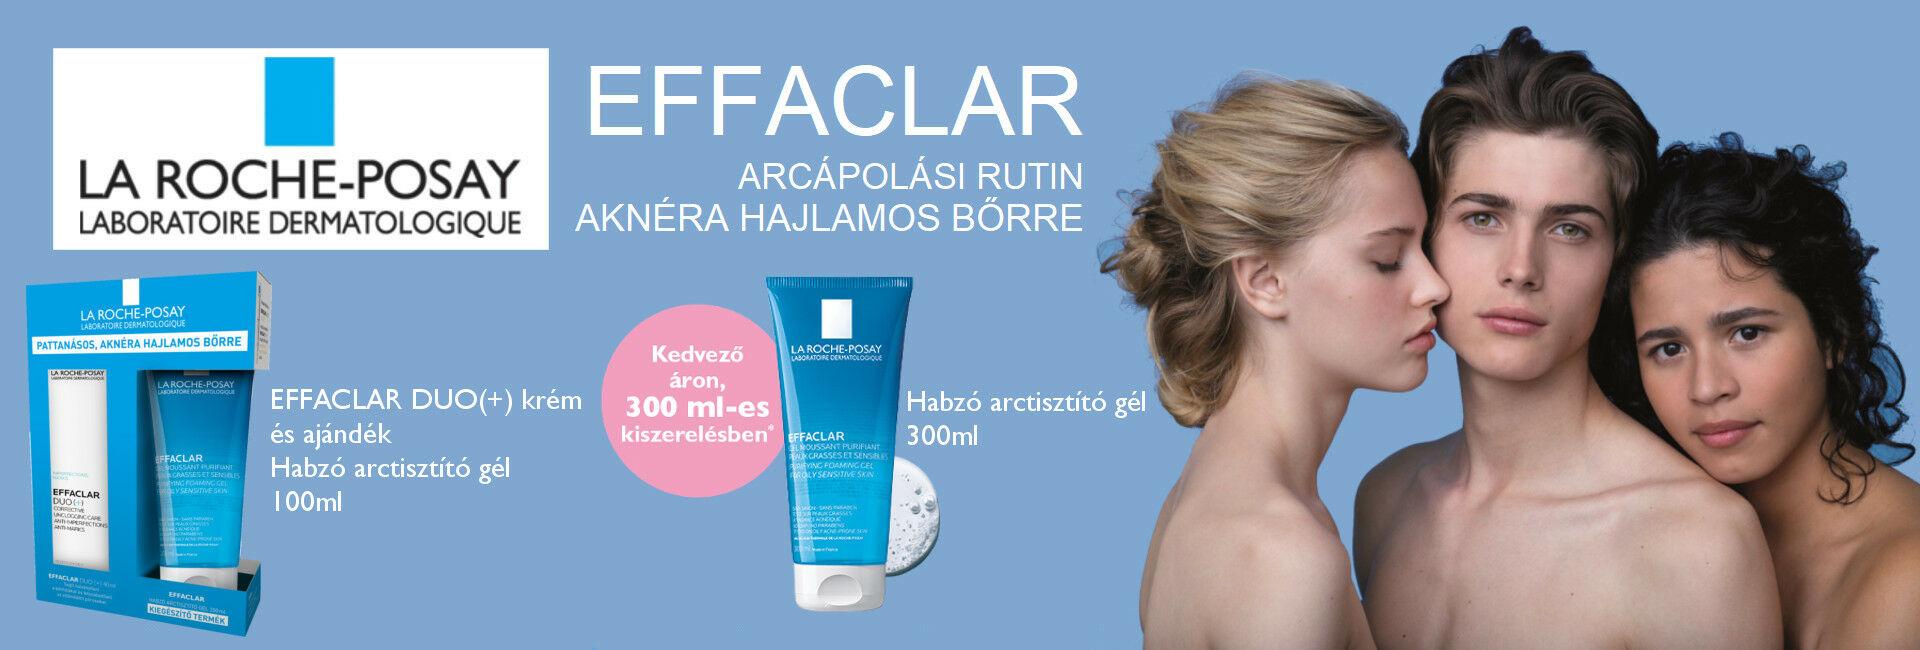 Egyedi La Roche-Posay Effaclar ajánlat aknéra hajlamos bőrre akár 47%-os kedvezménnyel!